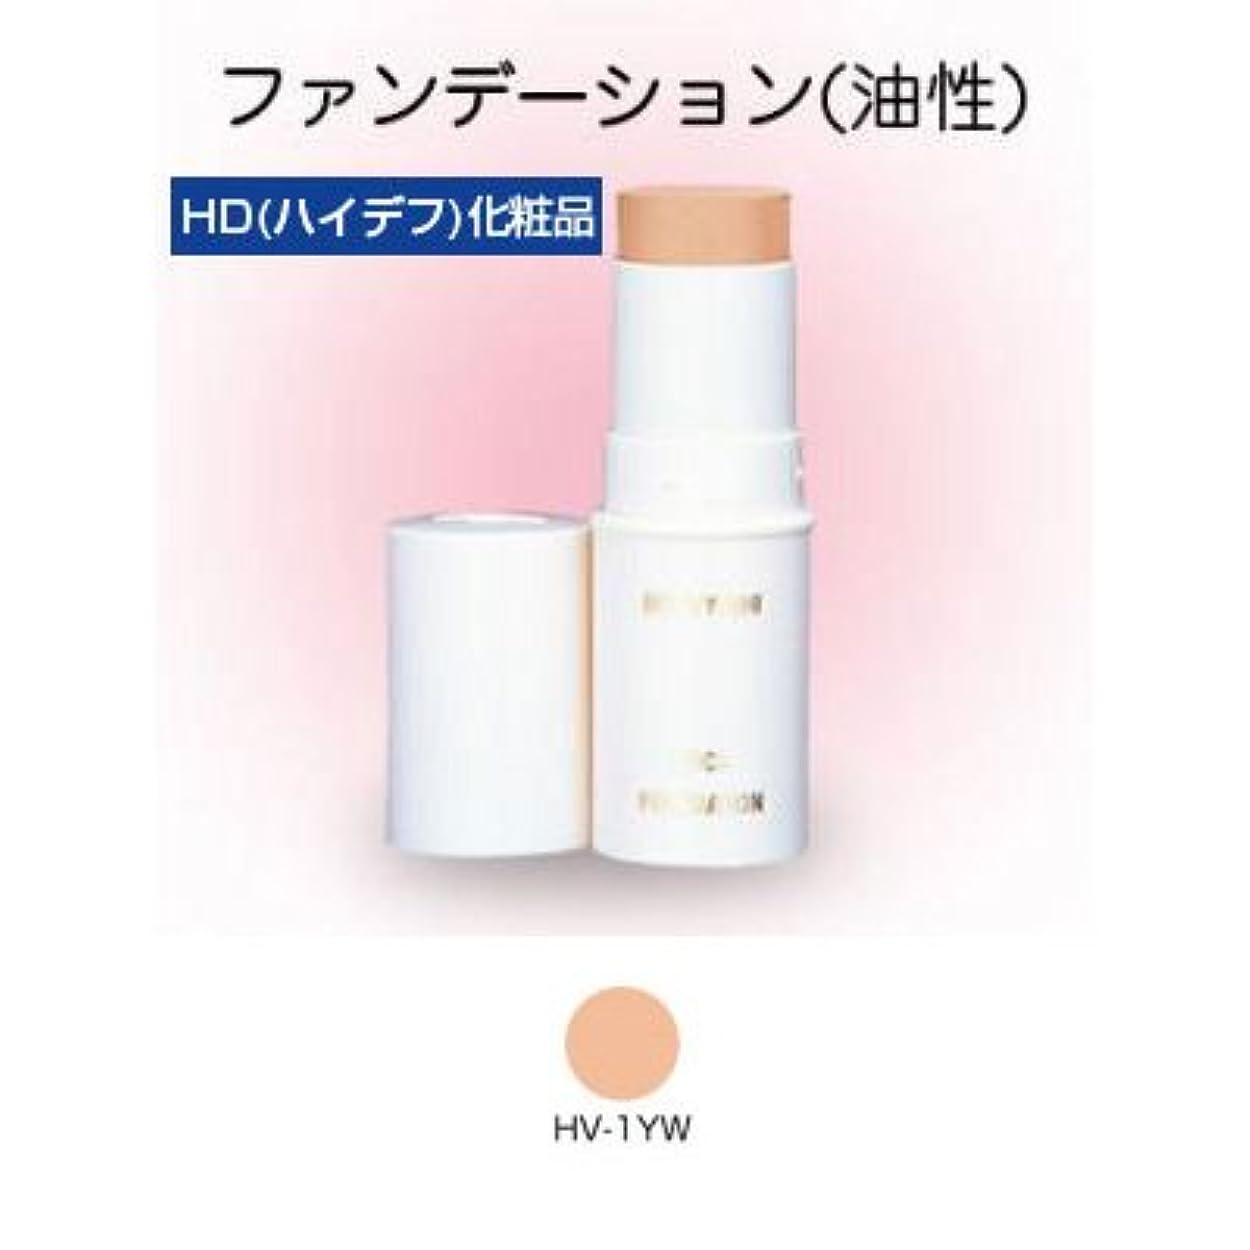 おびえた強い事前スティックファンデーション HD化粧品 17g 1YW 【三善】